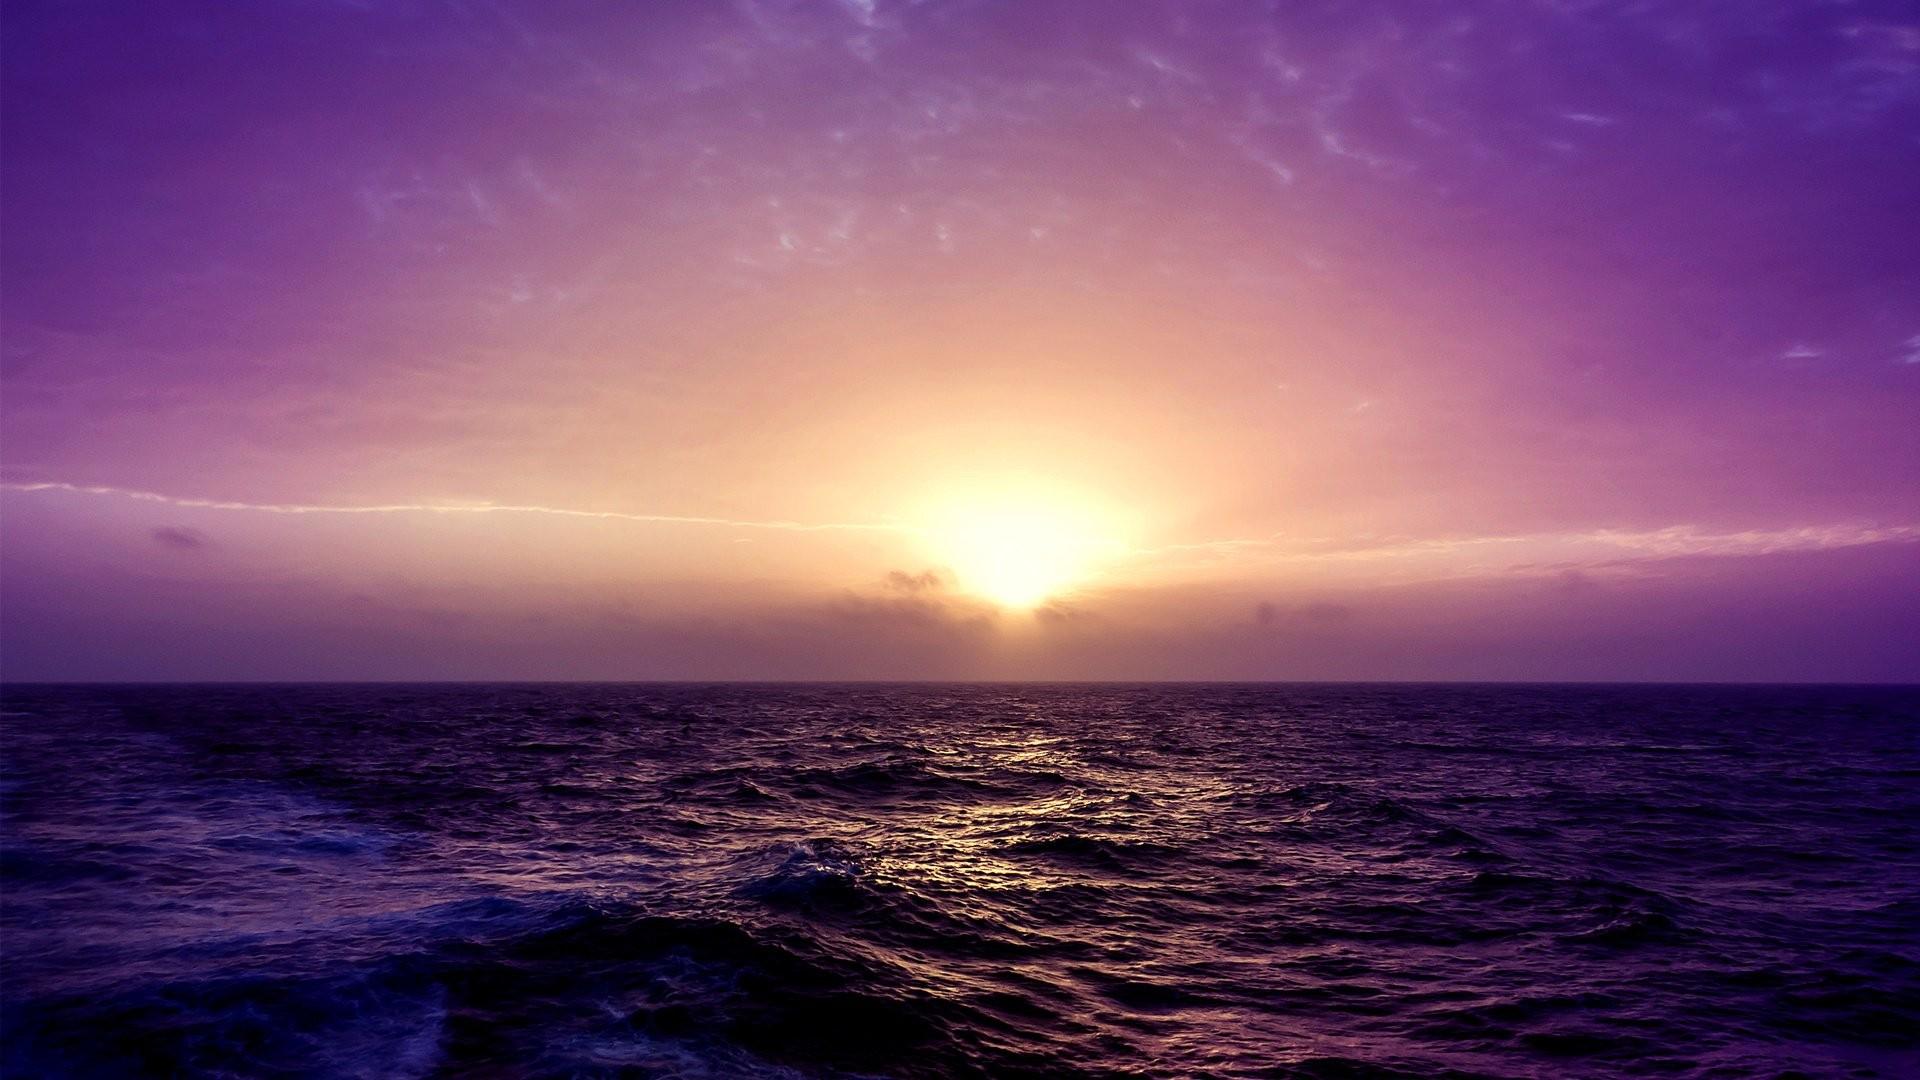 Purple Sunset screen wallpaper